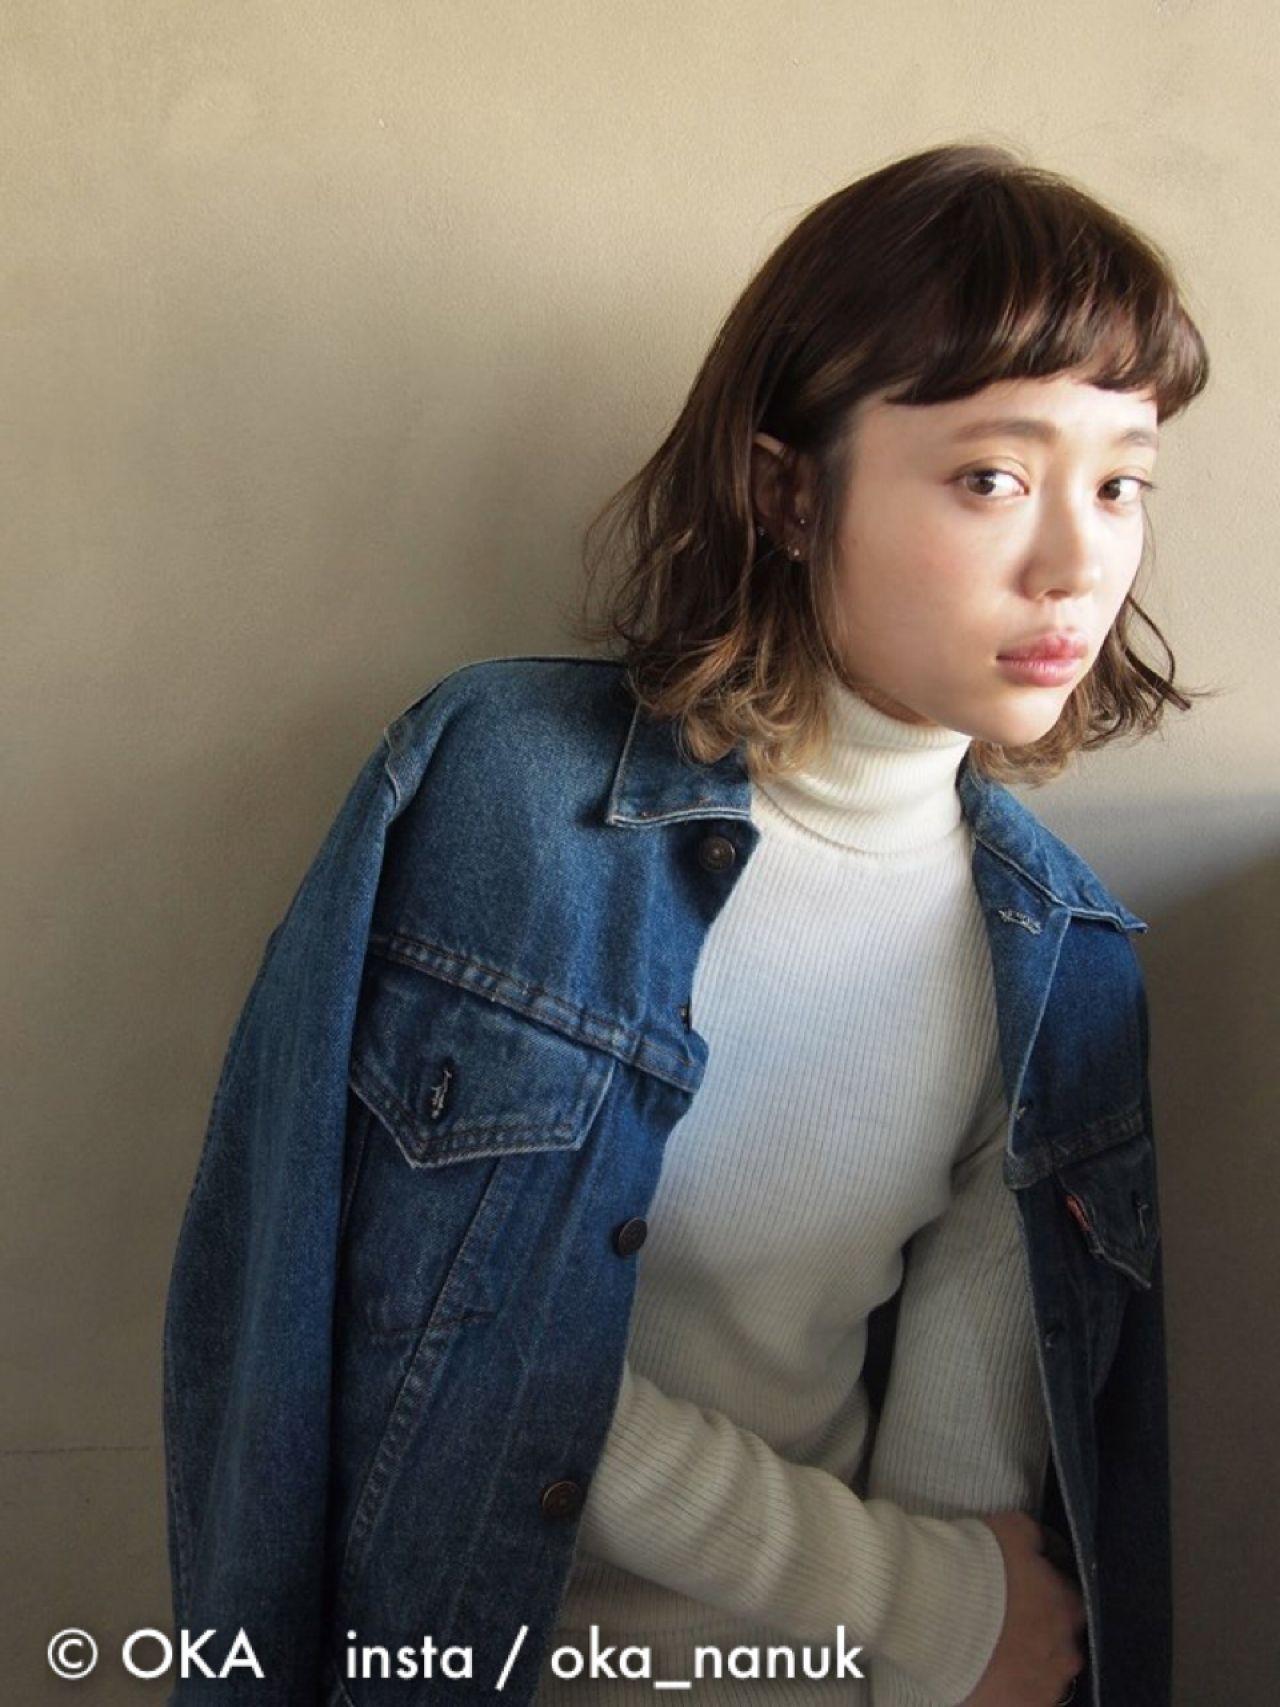 シンプルヘアもバレイヤージュカラーでおしゃれに 岡村 健太郎 / nanuk